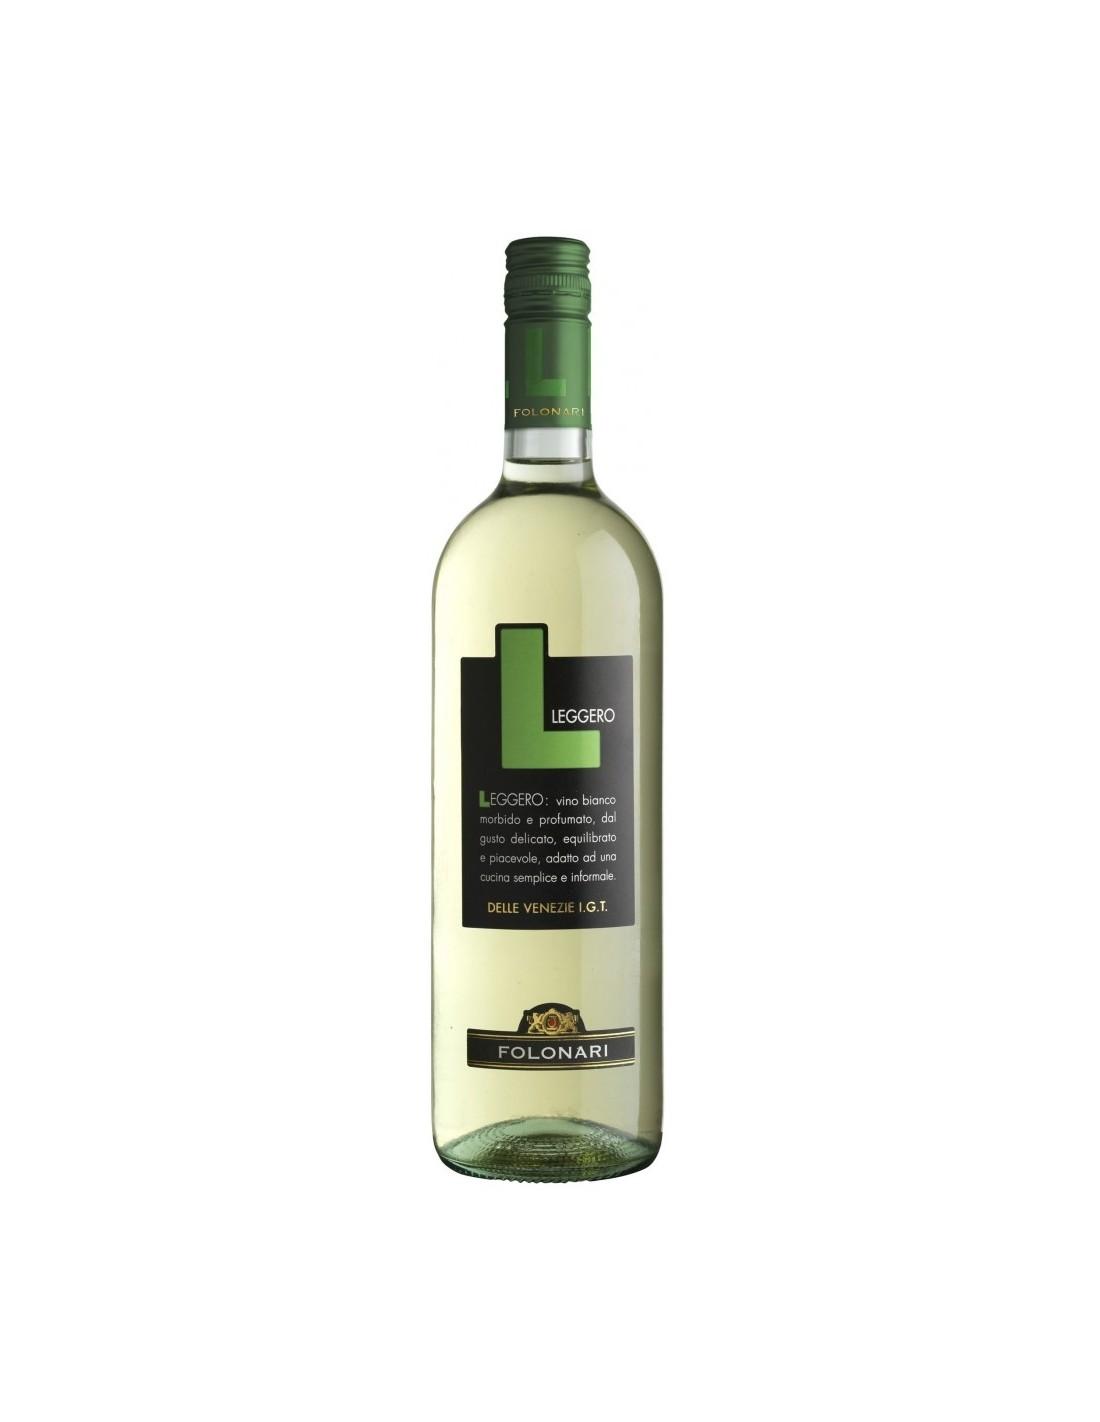 Vin alb, Cupaj, Folonari Leggero Delle Venezie, 0.75L, 11% alc., Italia